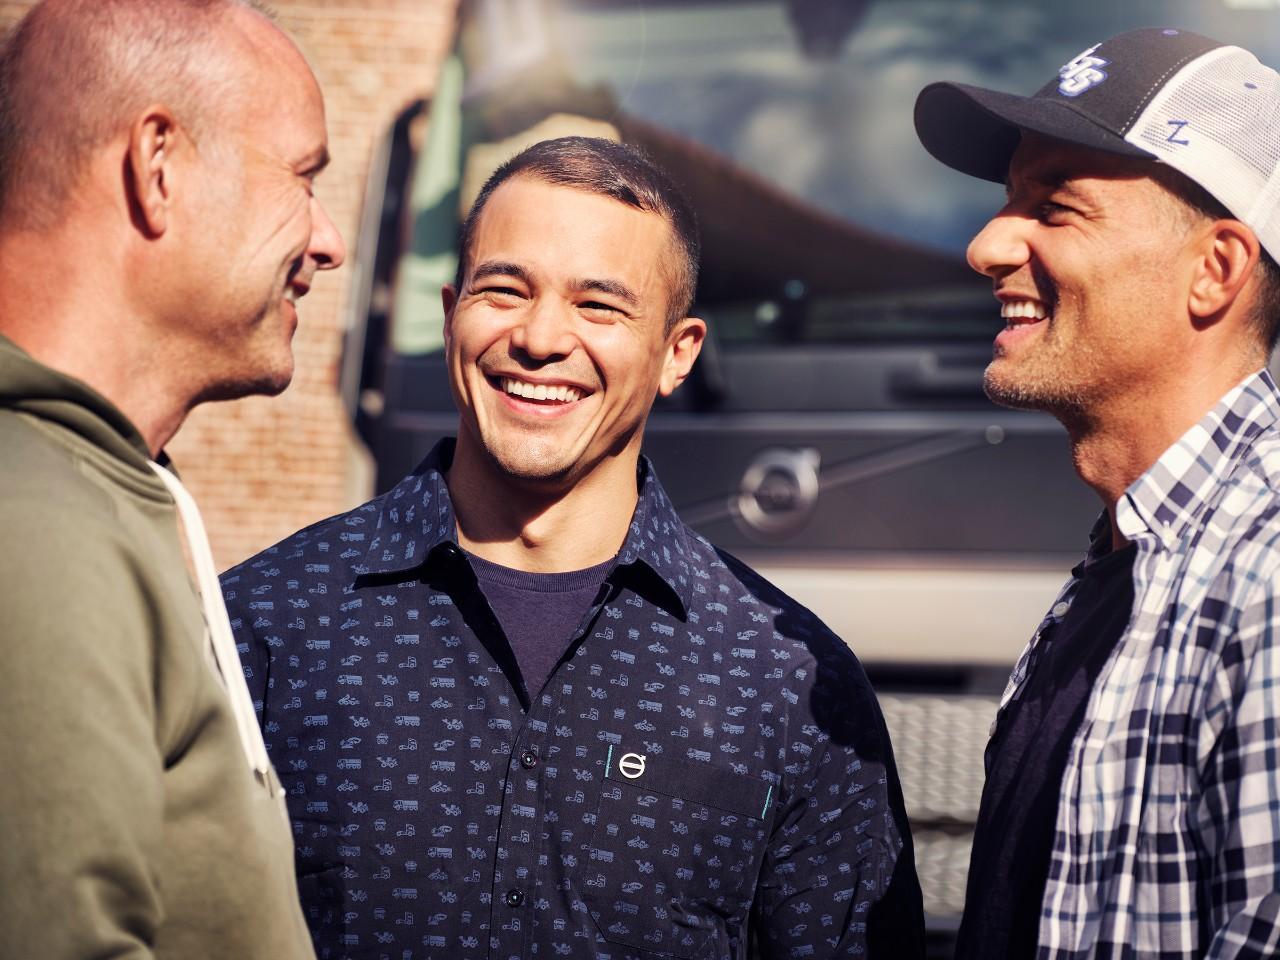 Трое улыбающихся людей крупным планом перед грузовым автомобилем Volvo